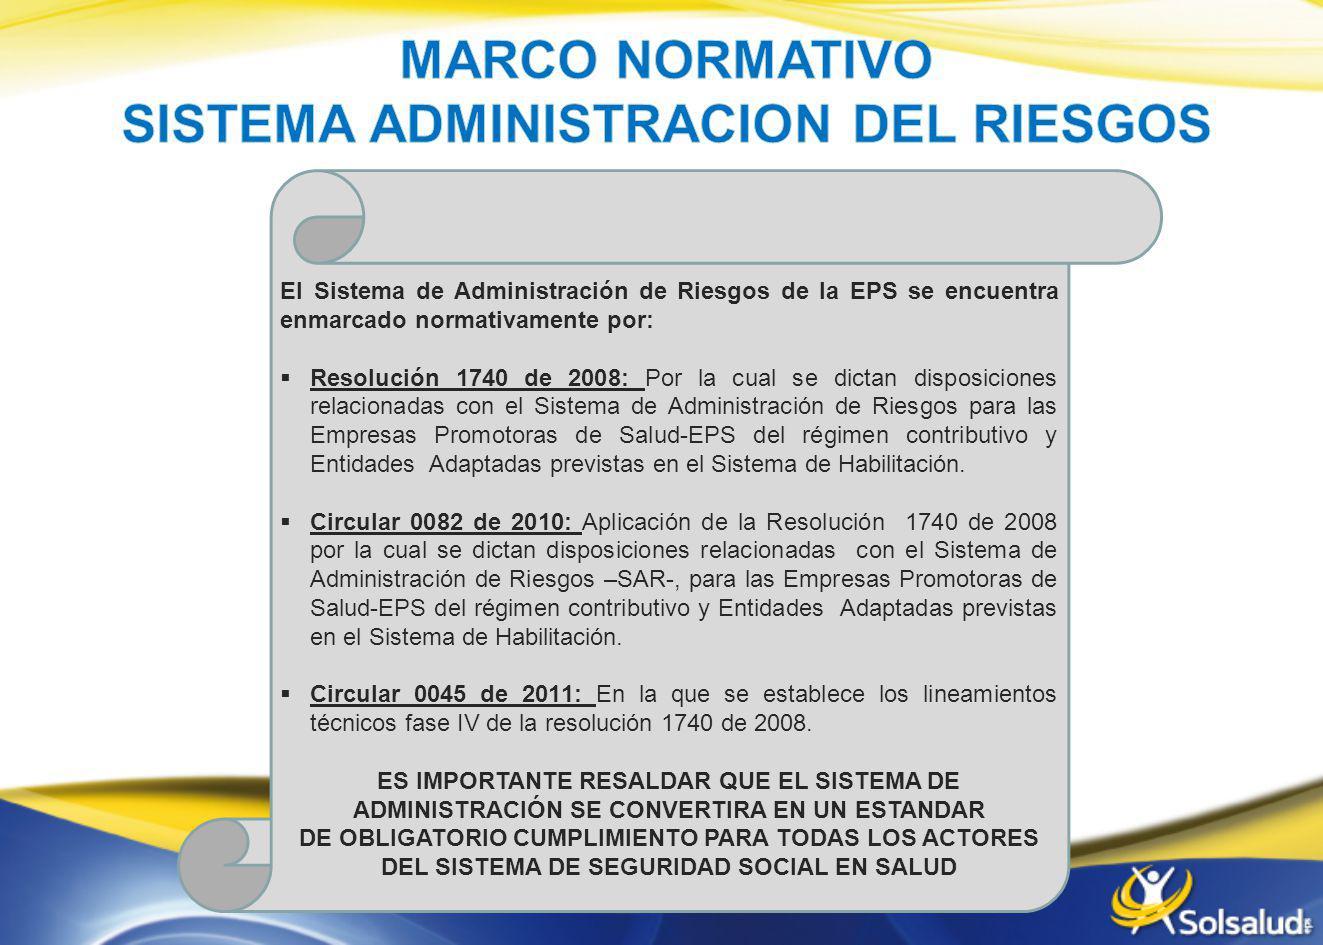 MARCO NORMATIVO SISTEMA ADMINISTRACION DEL RIESGOS